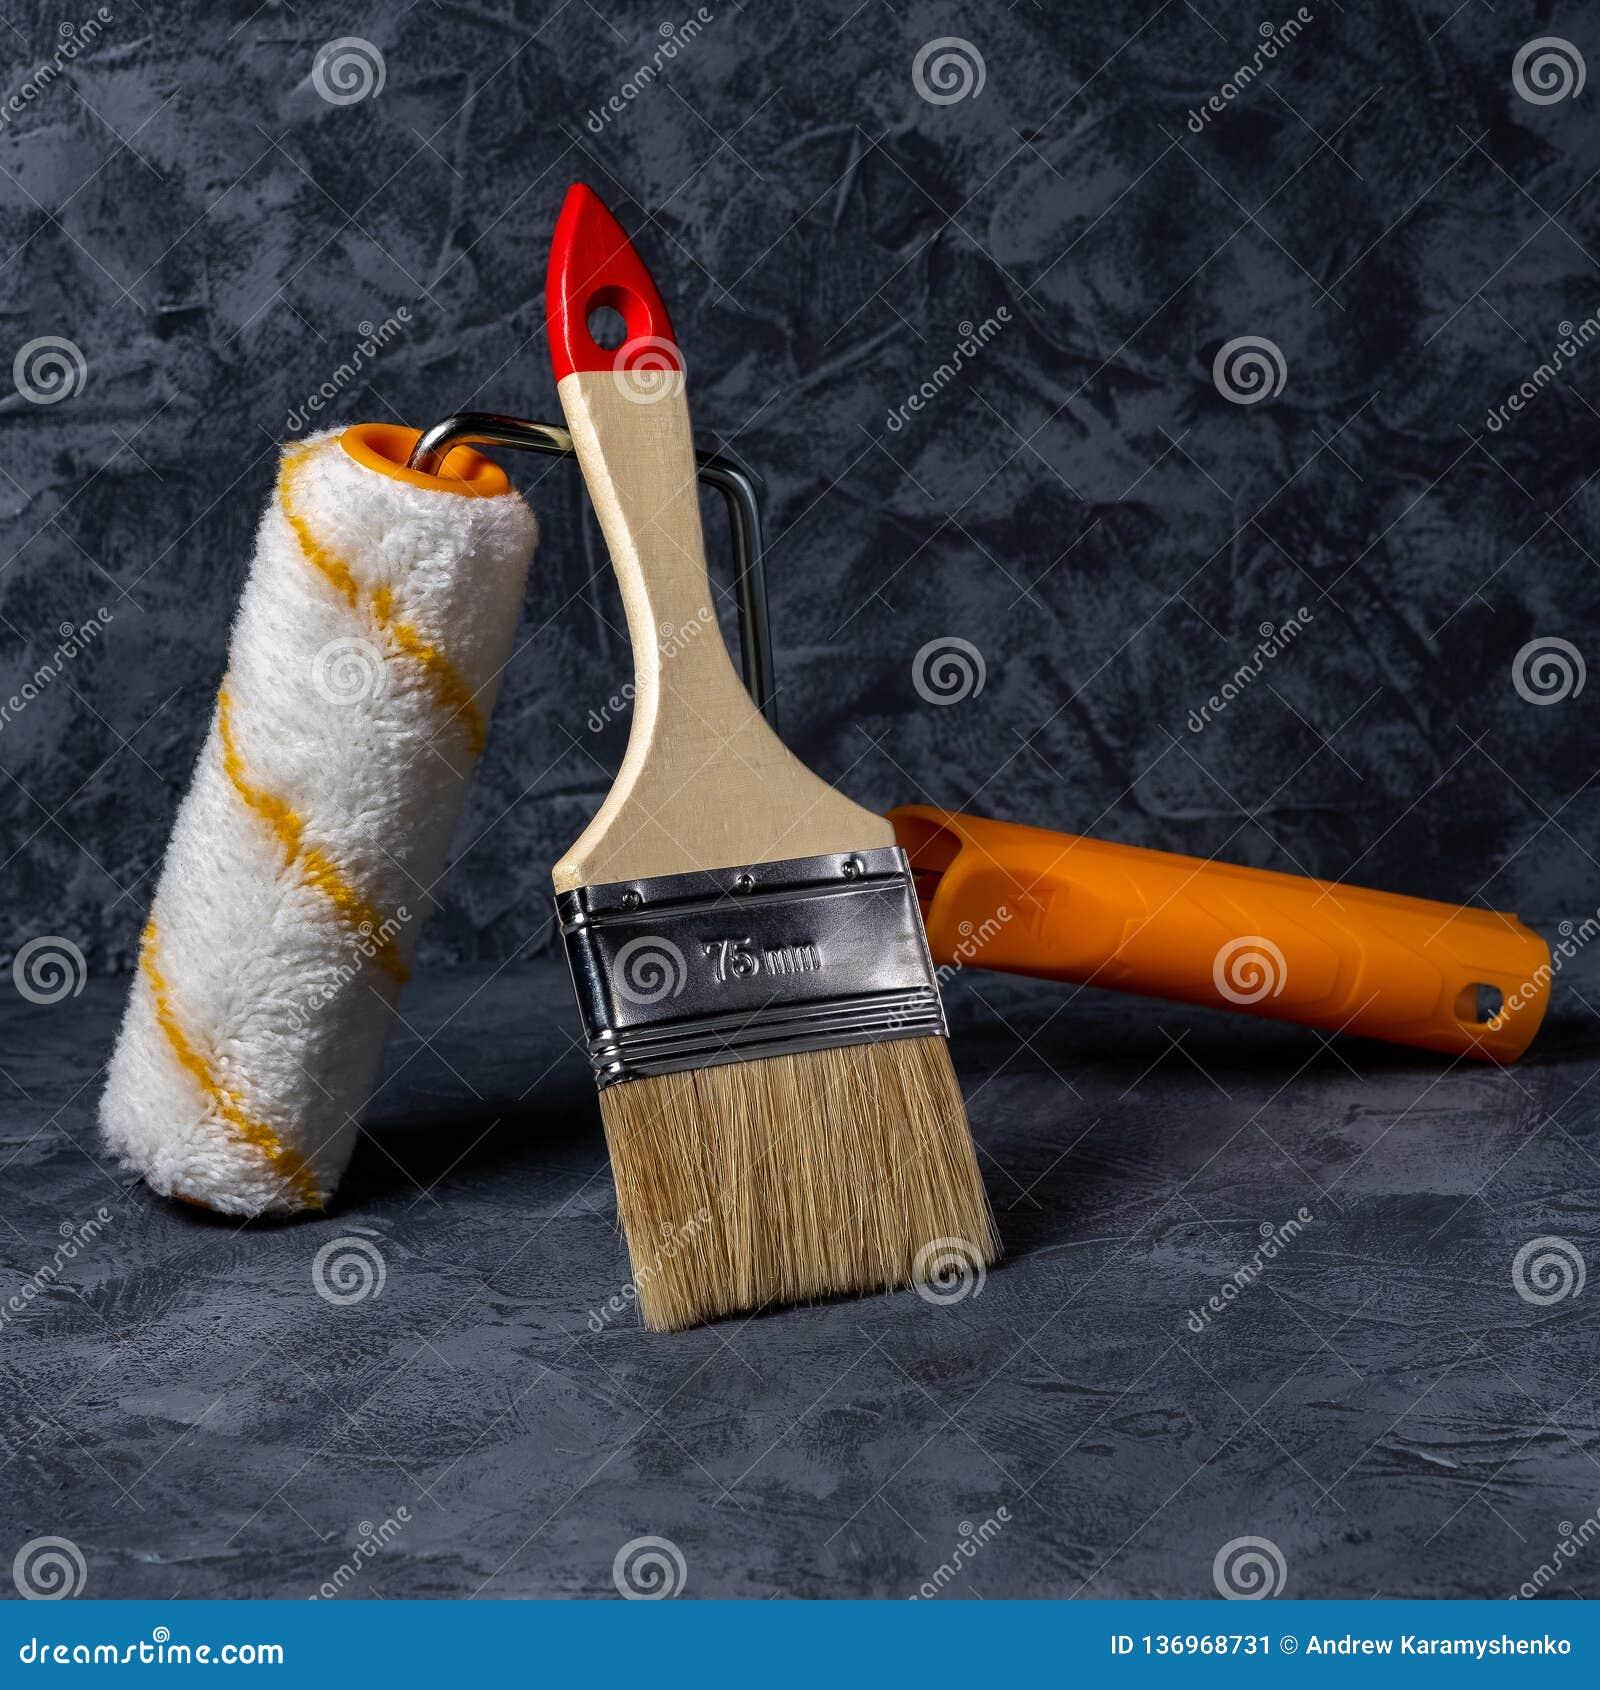 Κύλινδρος και βούρτσα κόκκινη μικρή εργασία εργαλείων χάλυβα σφιγκτηρών